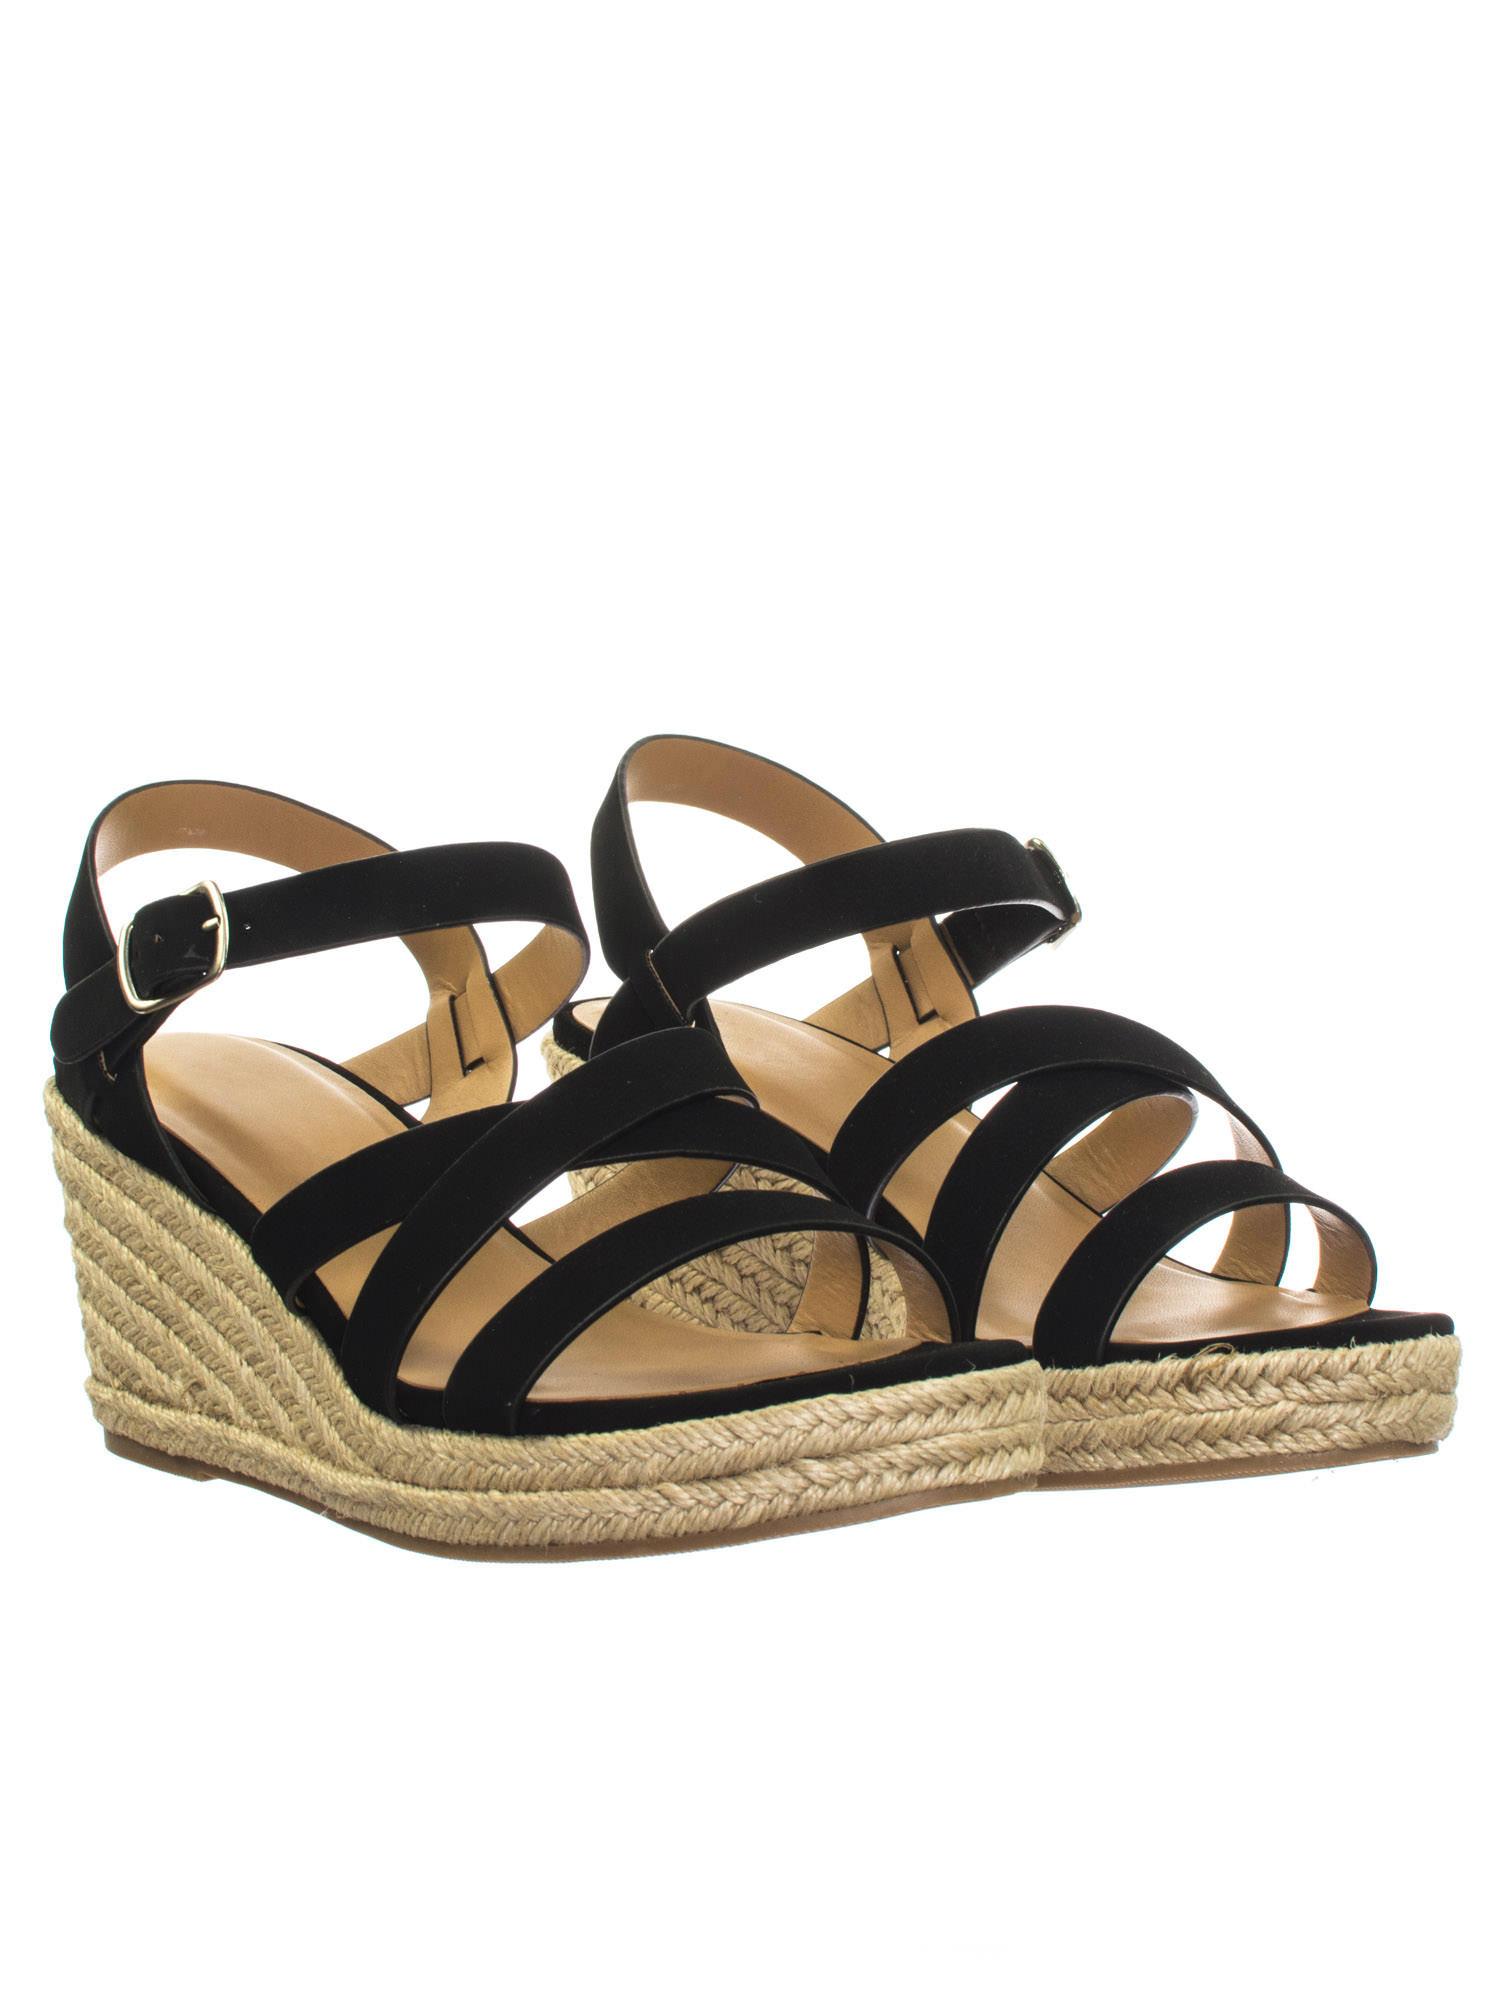 dbe3a585596f Jubilee Black by City Classified Espadrille Rope Jute Wrap Platform Wedge  Open Toe Dress Sandal 2